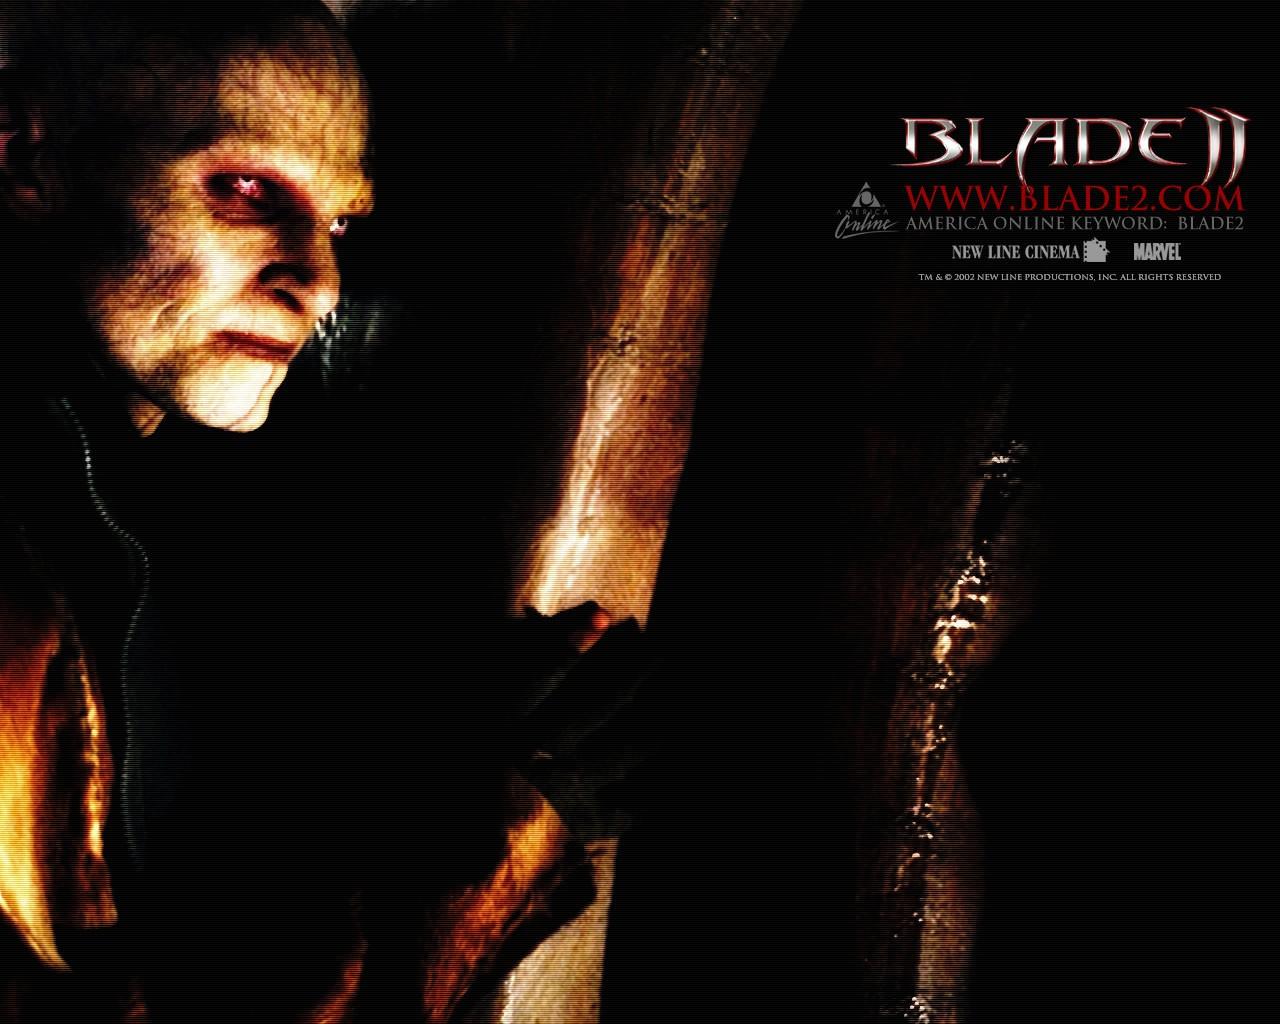 Wallpaper di Luke Goss in 'Blade II'